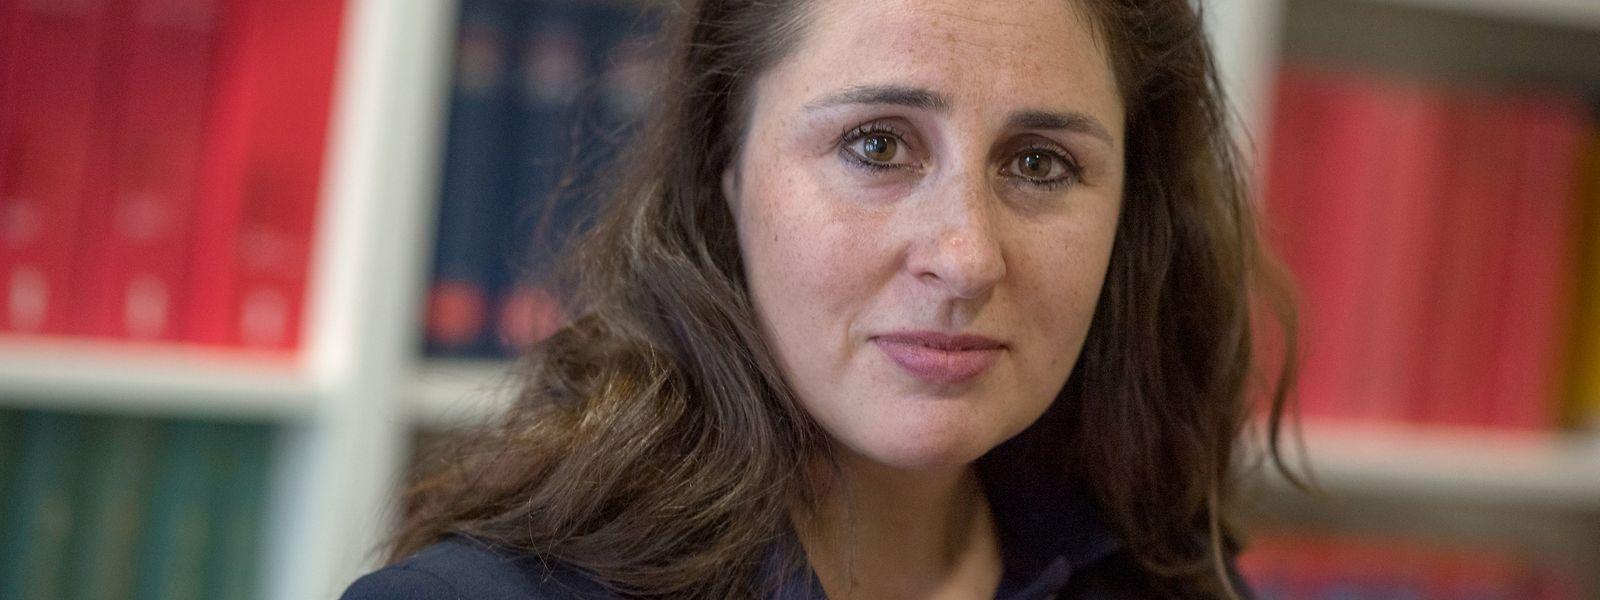 Die Anwältin Seda Basay-Yildiz hat Drohungen aus rechtsradikalen Kreisen erhalten.